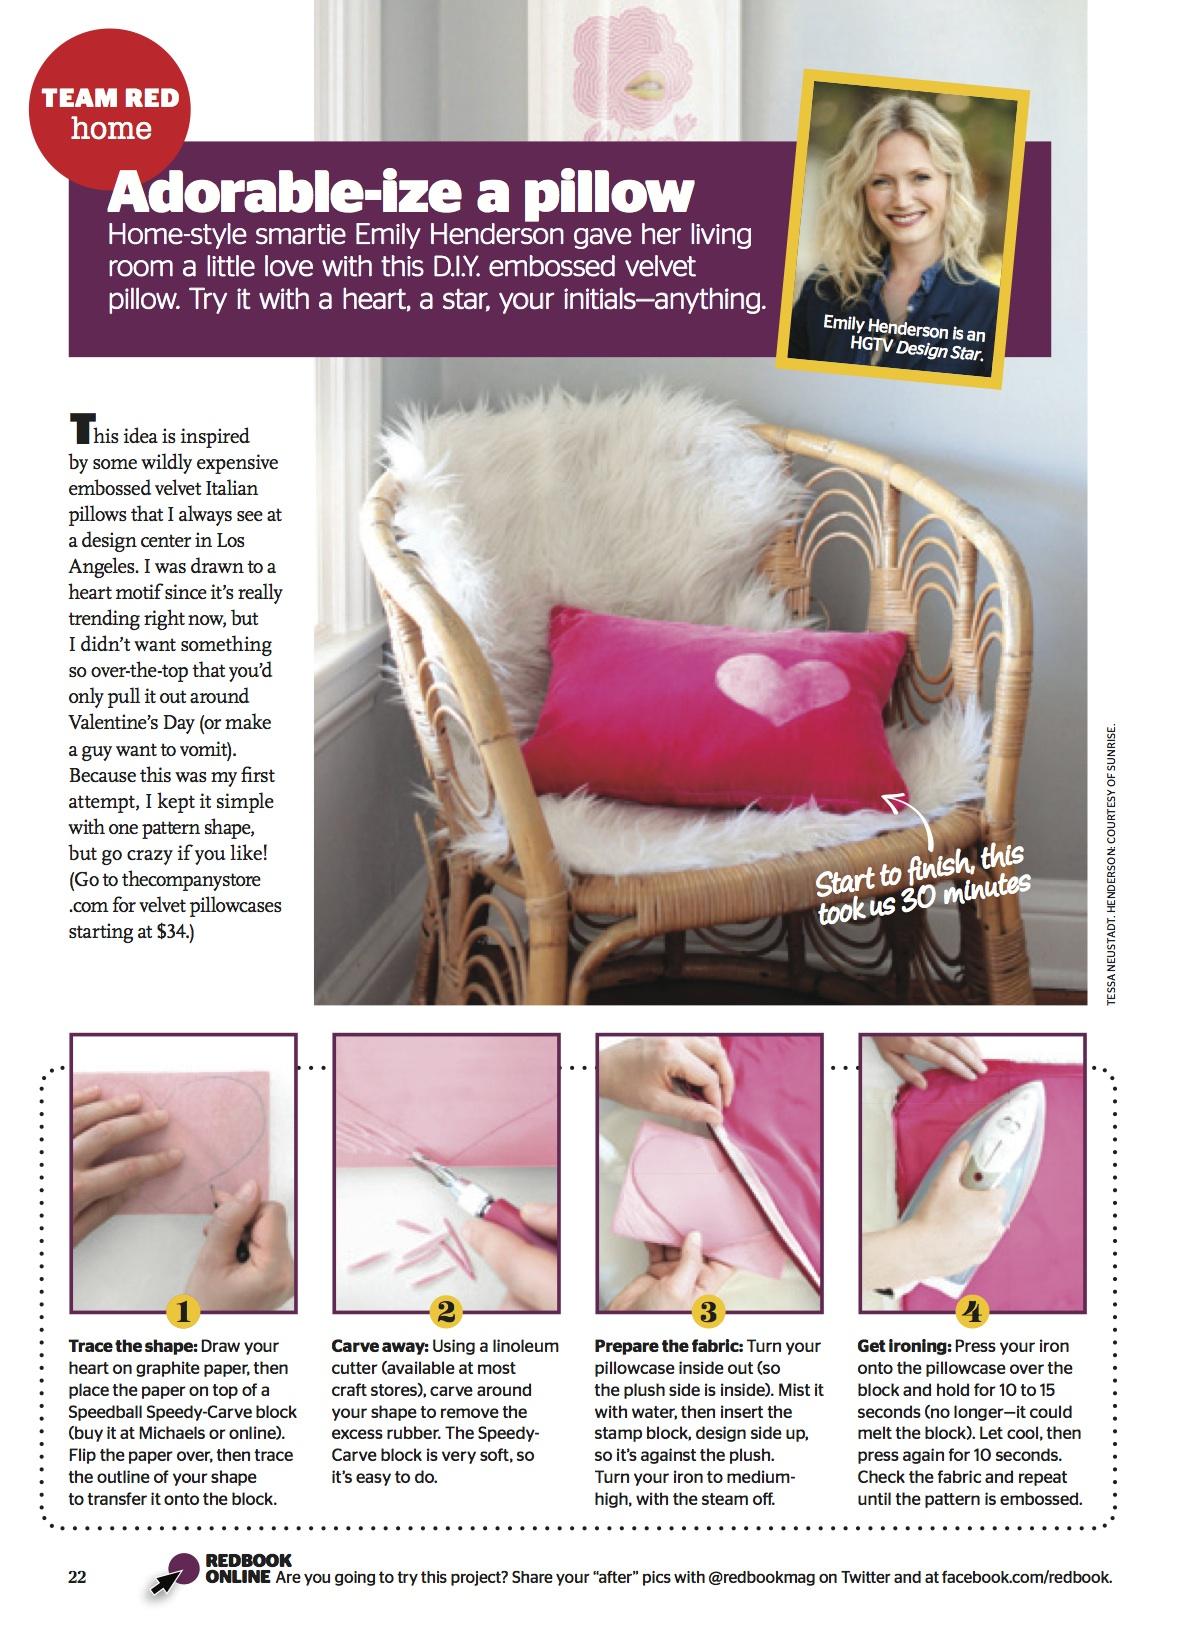 Redbook Magazine - DIY Embossed Velvet Pillow